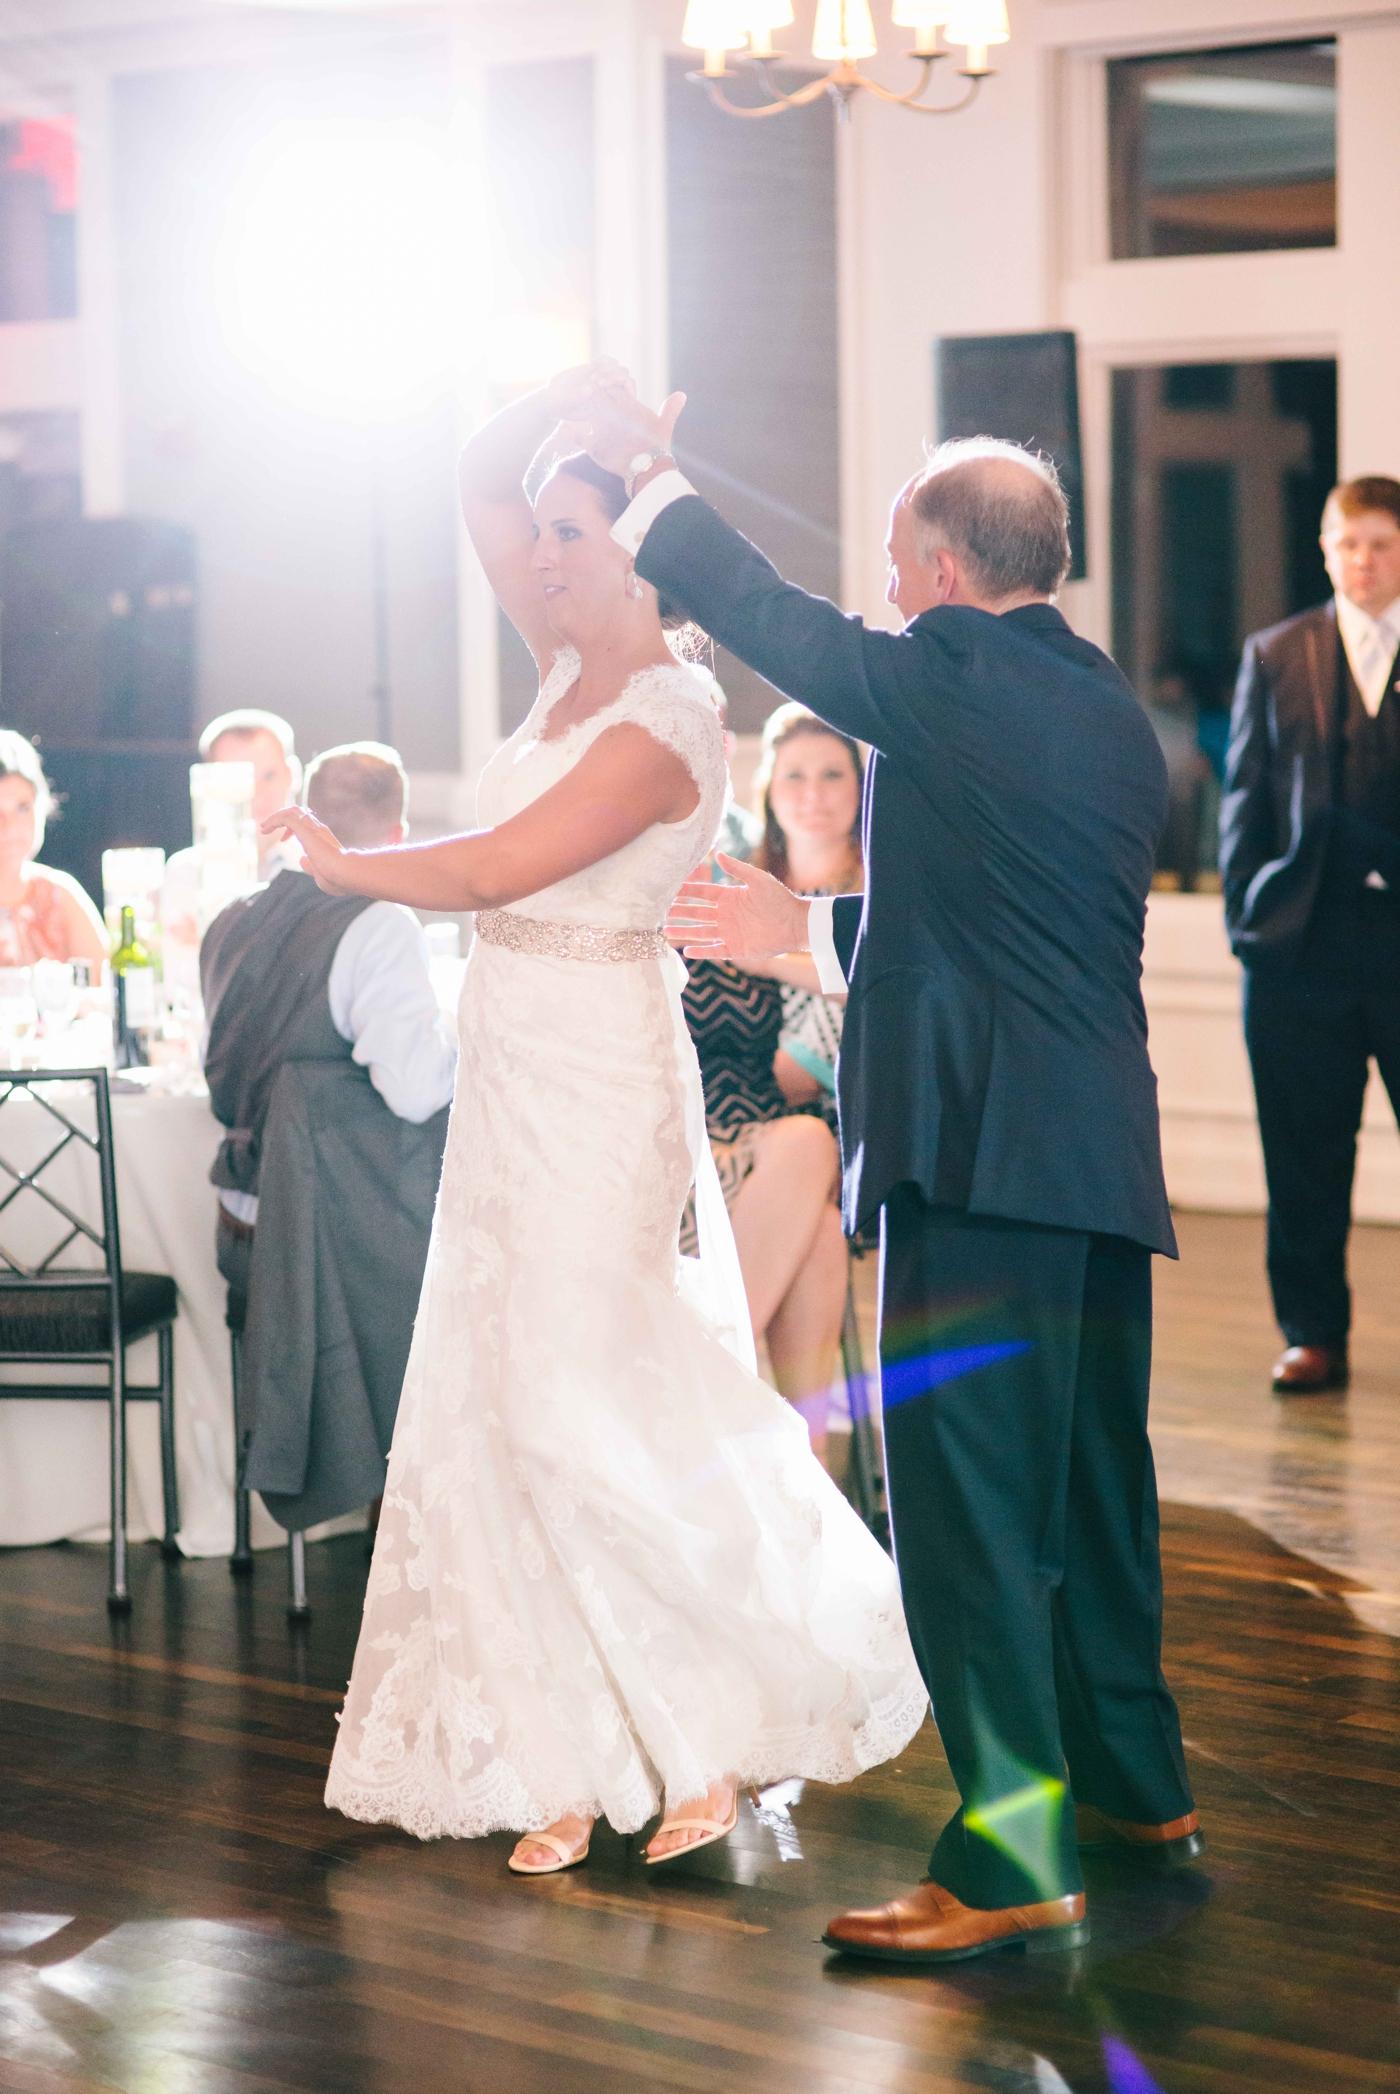 chicago-fine-art-wedding-photography-neuendank41